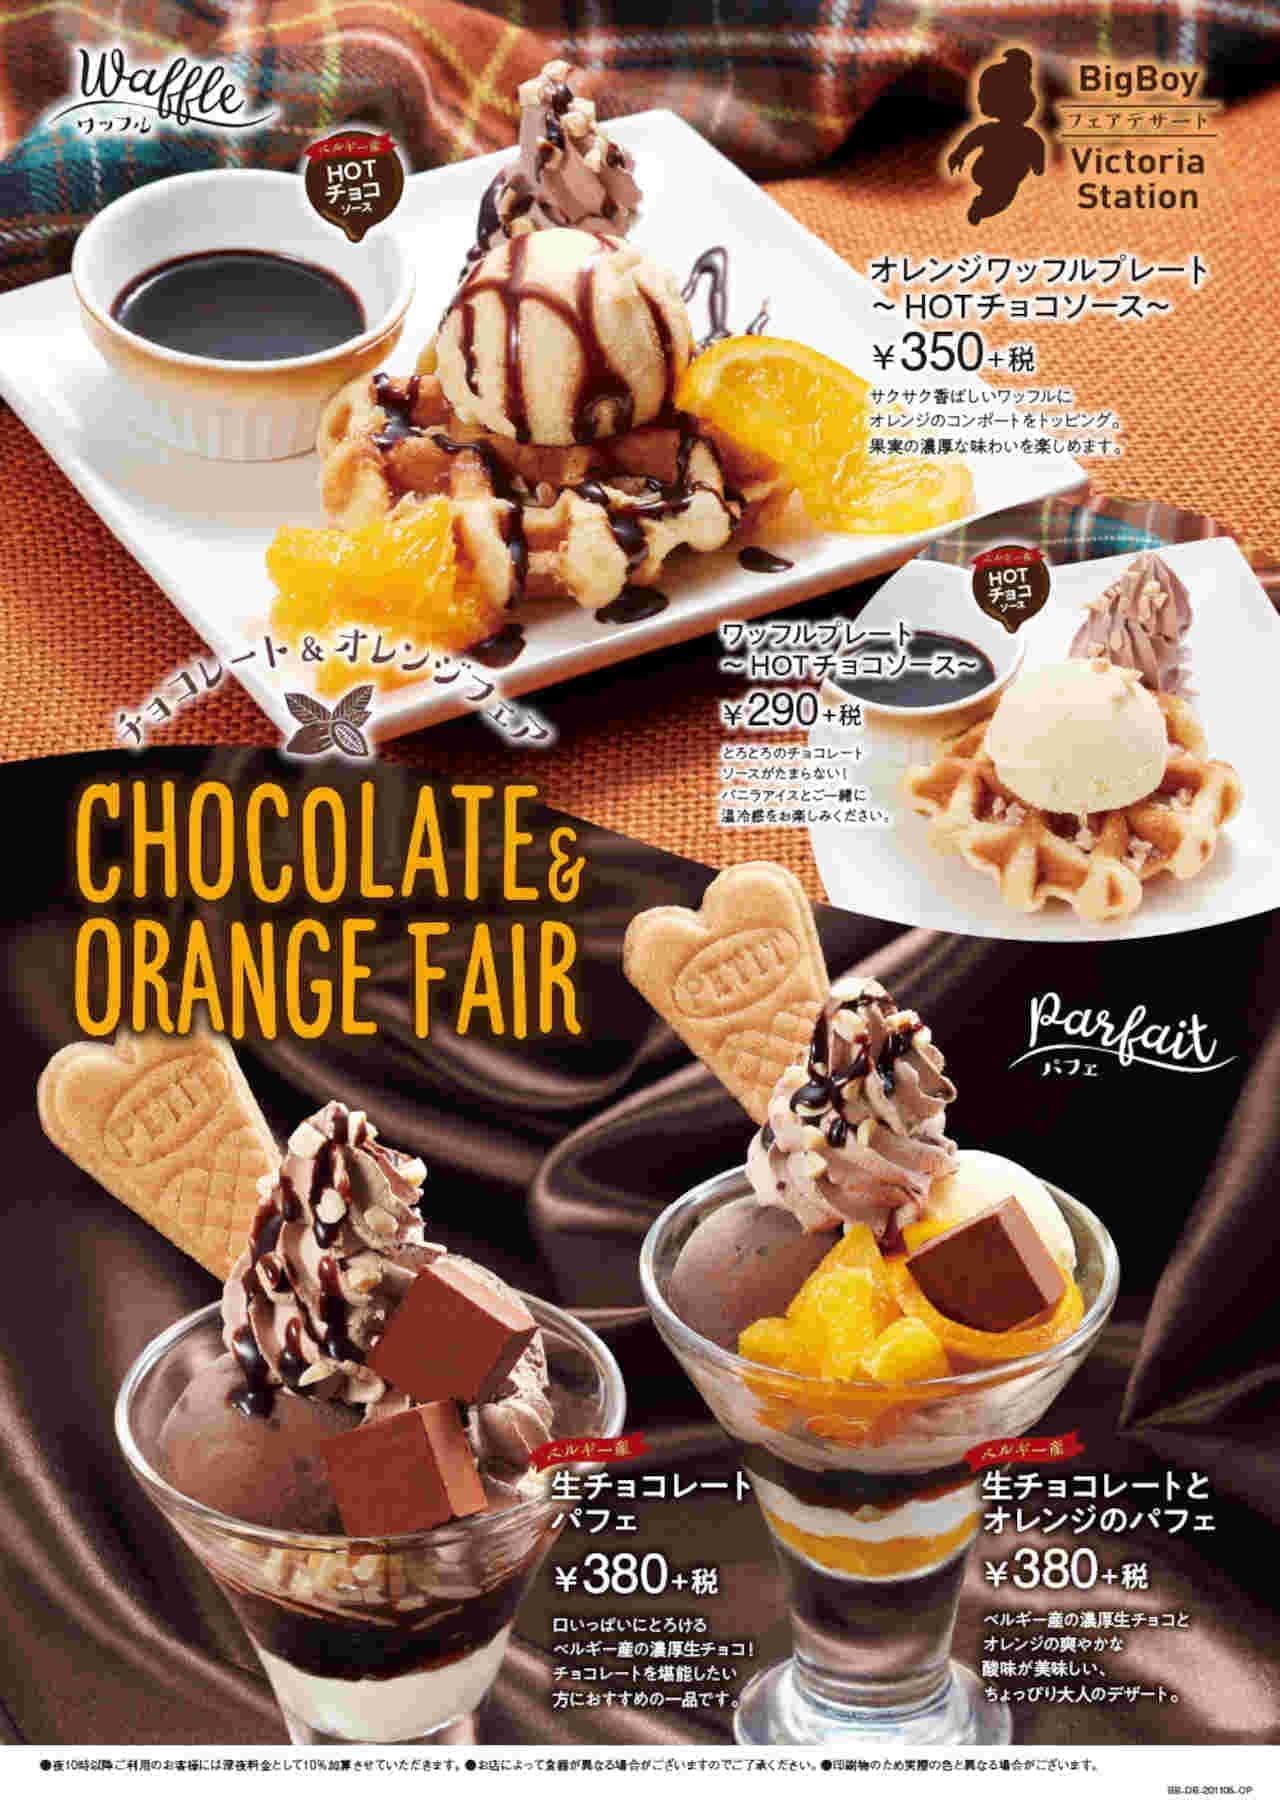 ビッグボーイに「濃厚チョコレート×爽やかオレンジ」